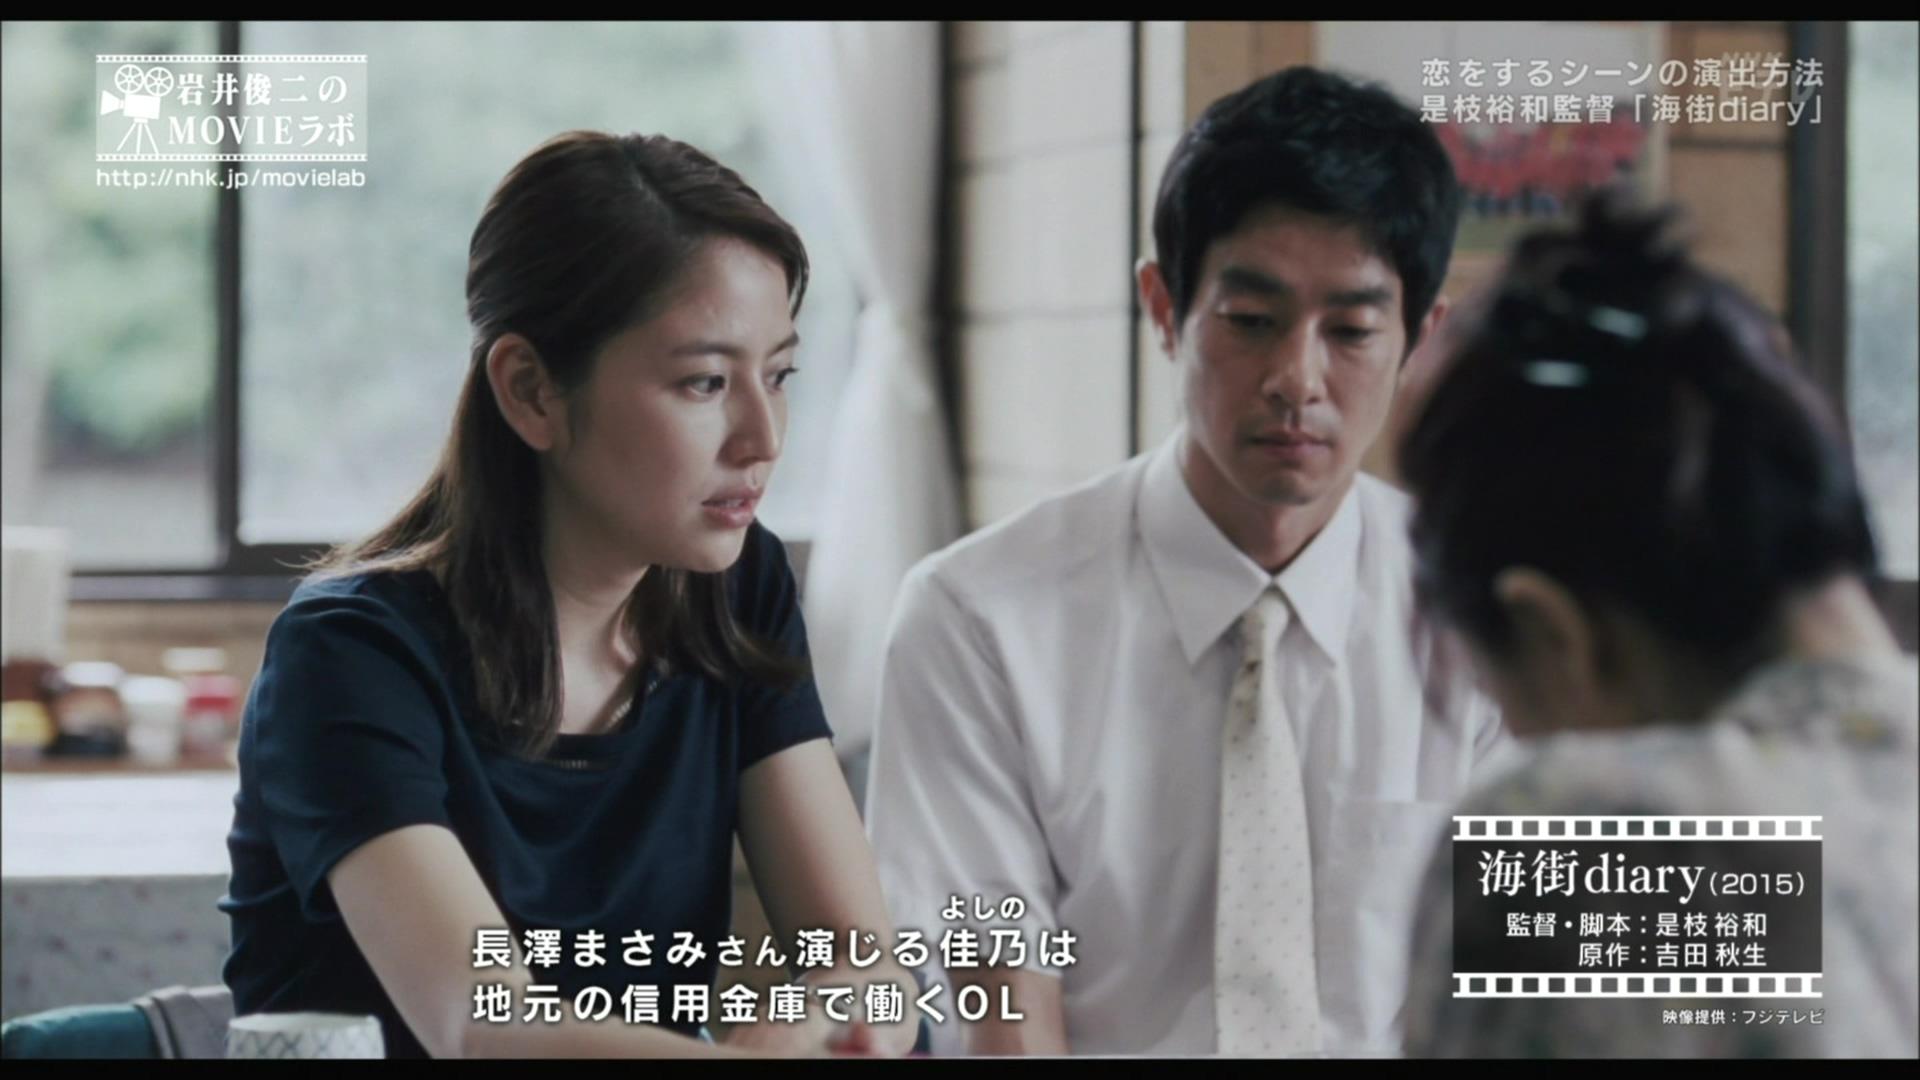 nagasawamovie09